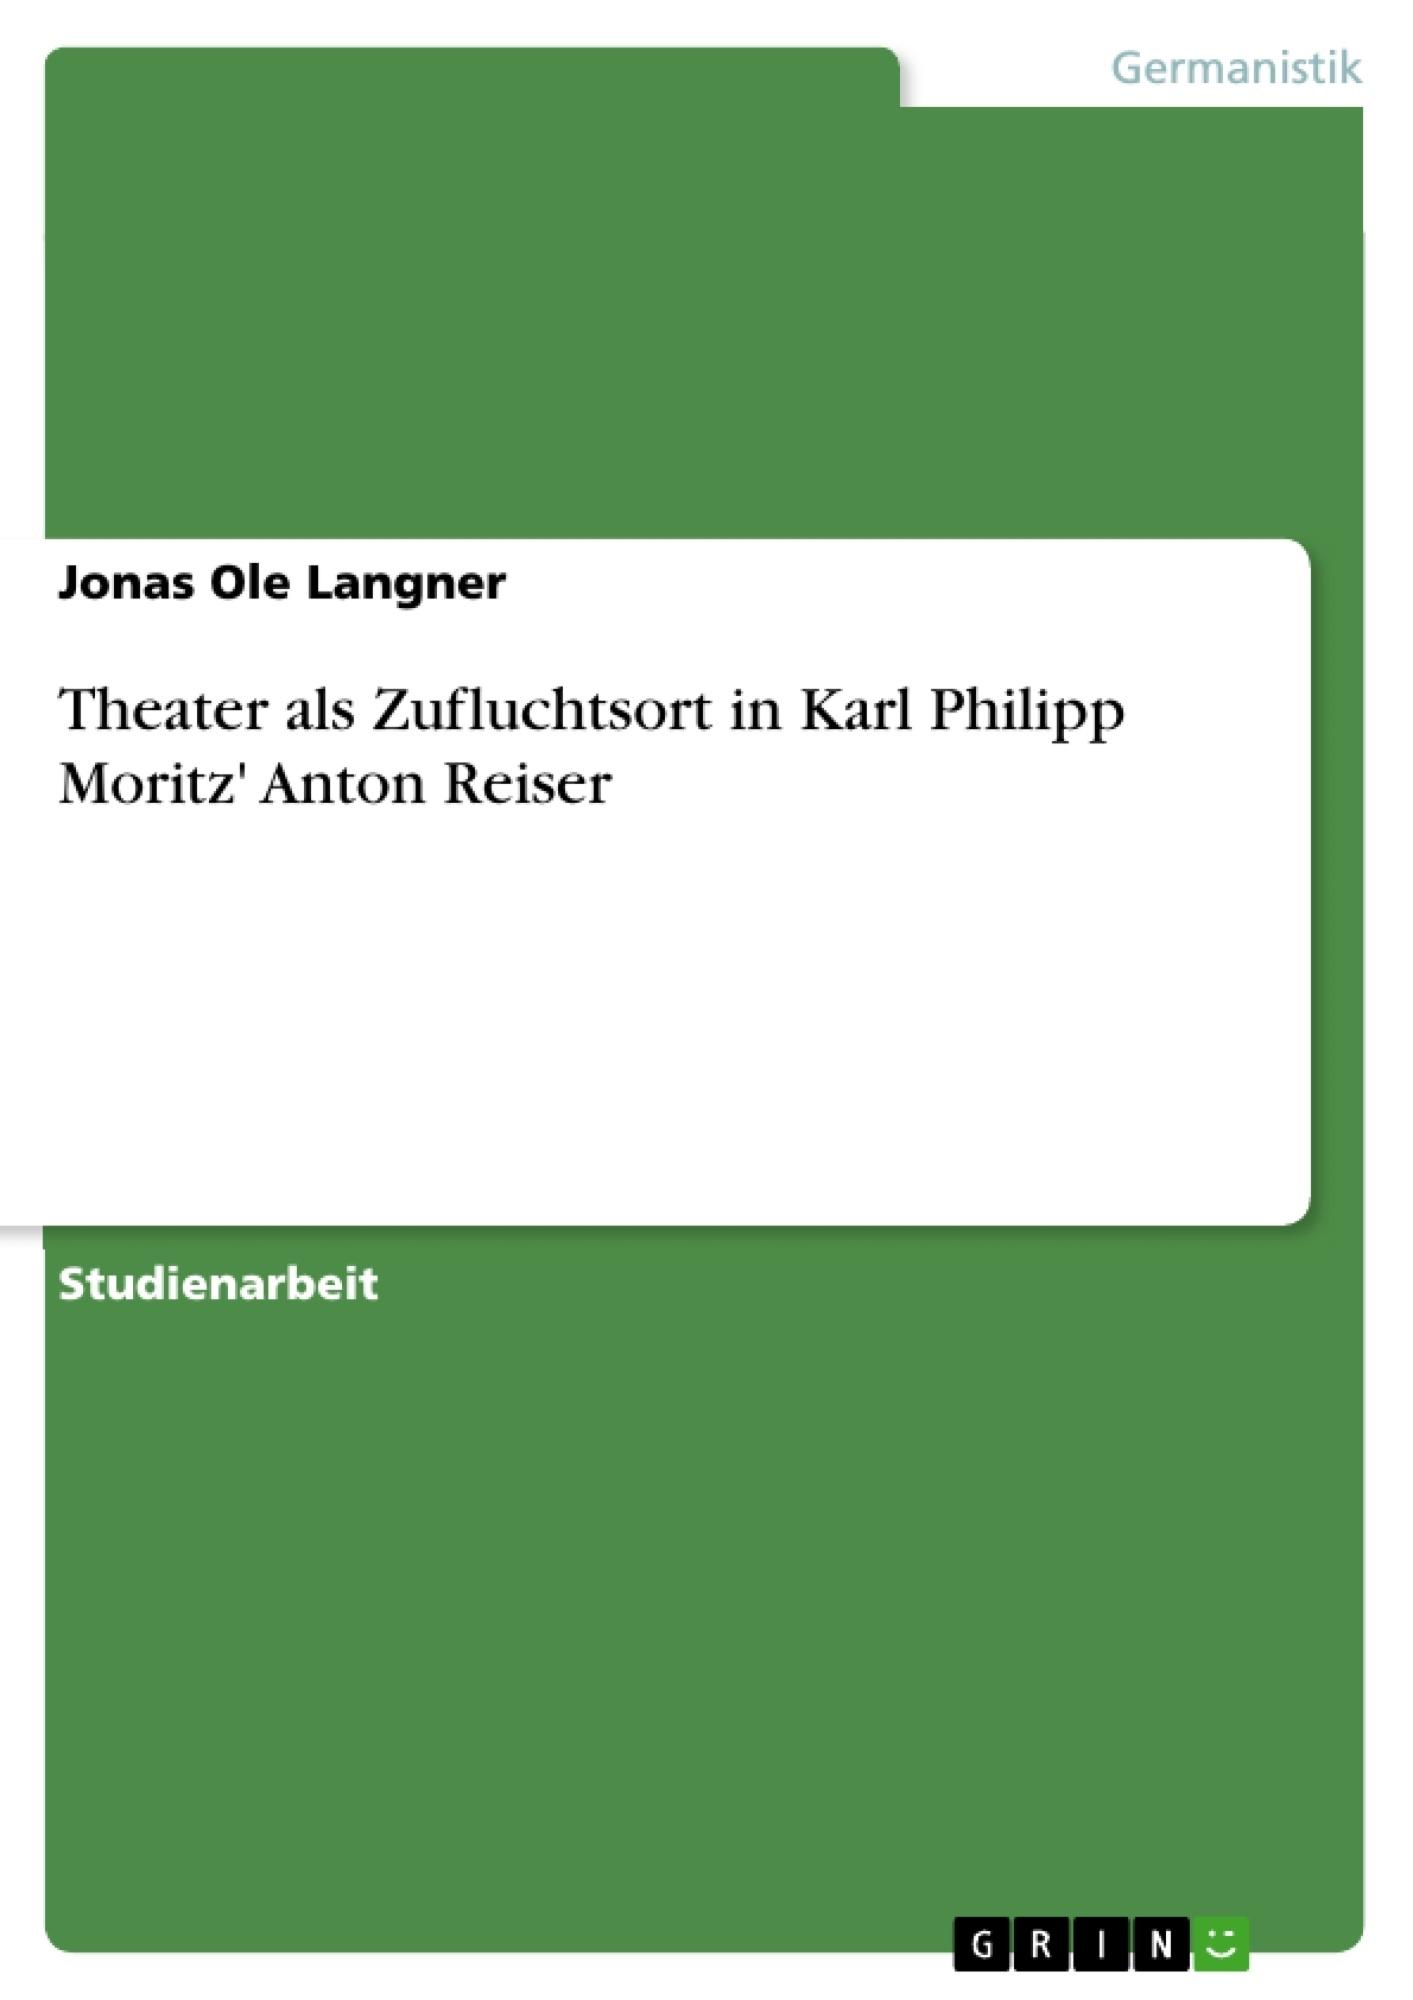 Titel: Theater als Zufluchtsort in Karl Philipp Moritz' Anton Reiser